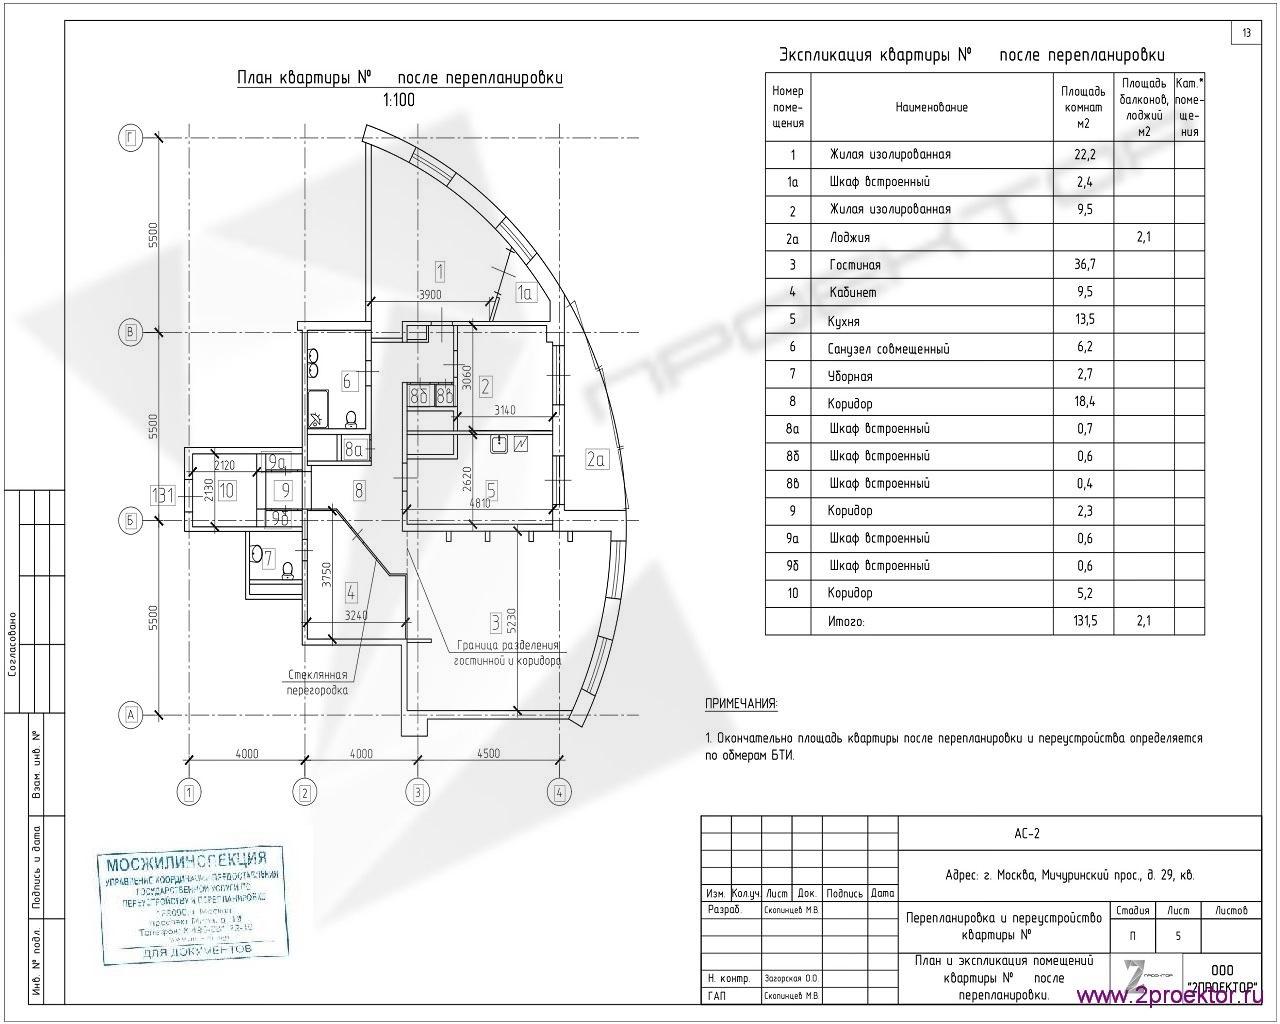 Вариант планировки квартиры в Жилом комплексе Солнечный берег, разработанный специалистами ООО «2Проектор» и согласованный Мосжилинспекцией.